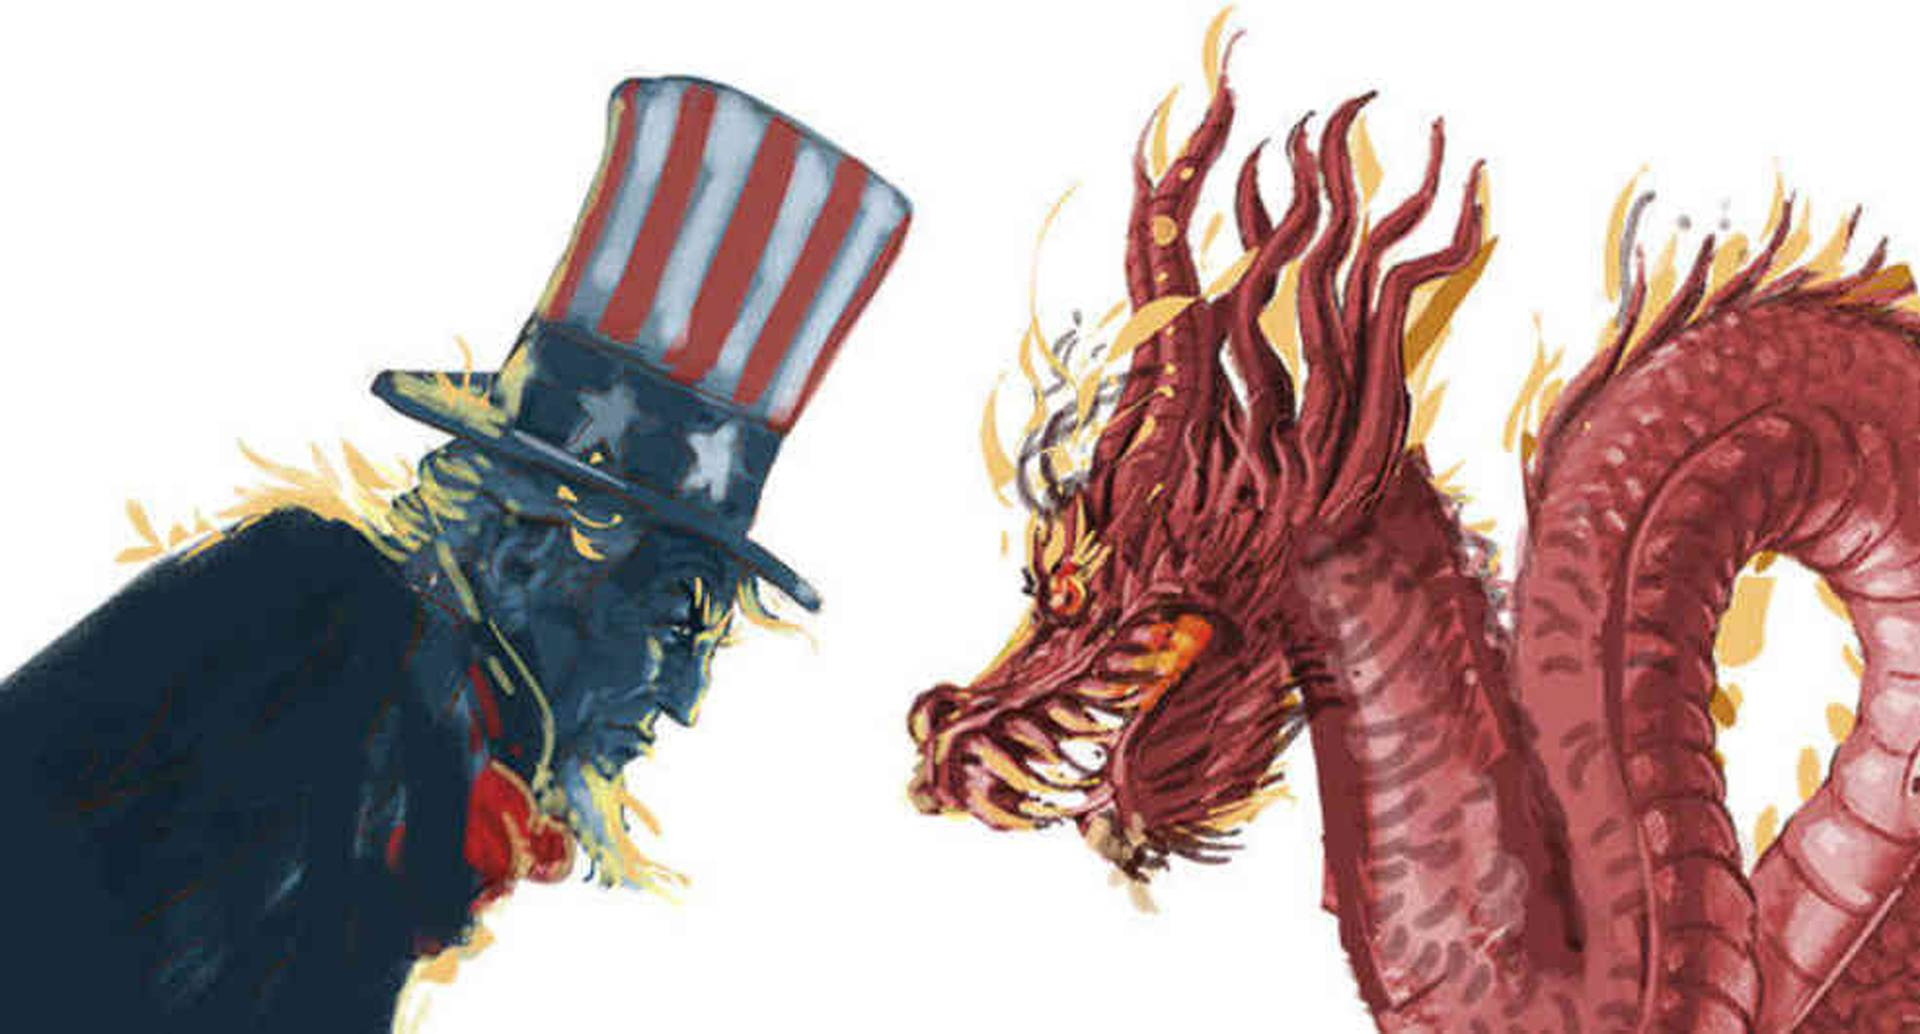 China y Estados Unidos desalojan consulados y agudizan guerra comercial política. Ilustración: Jorge Restrepo